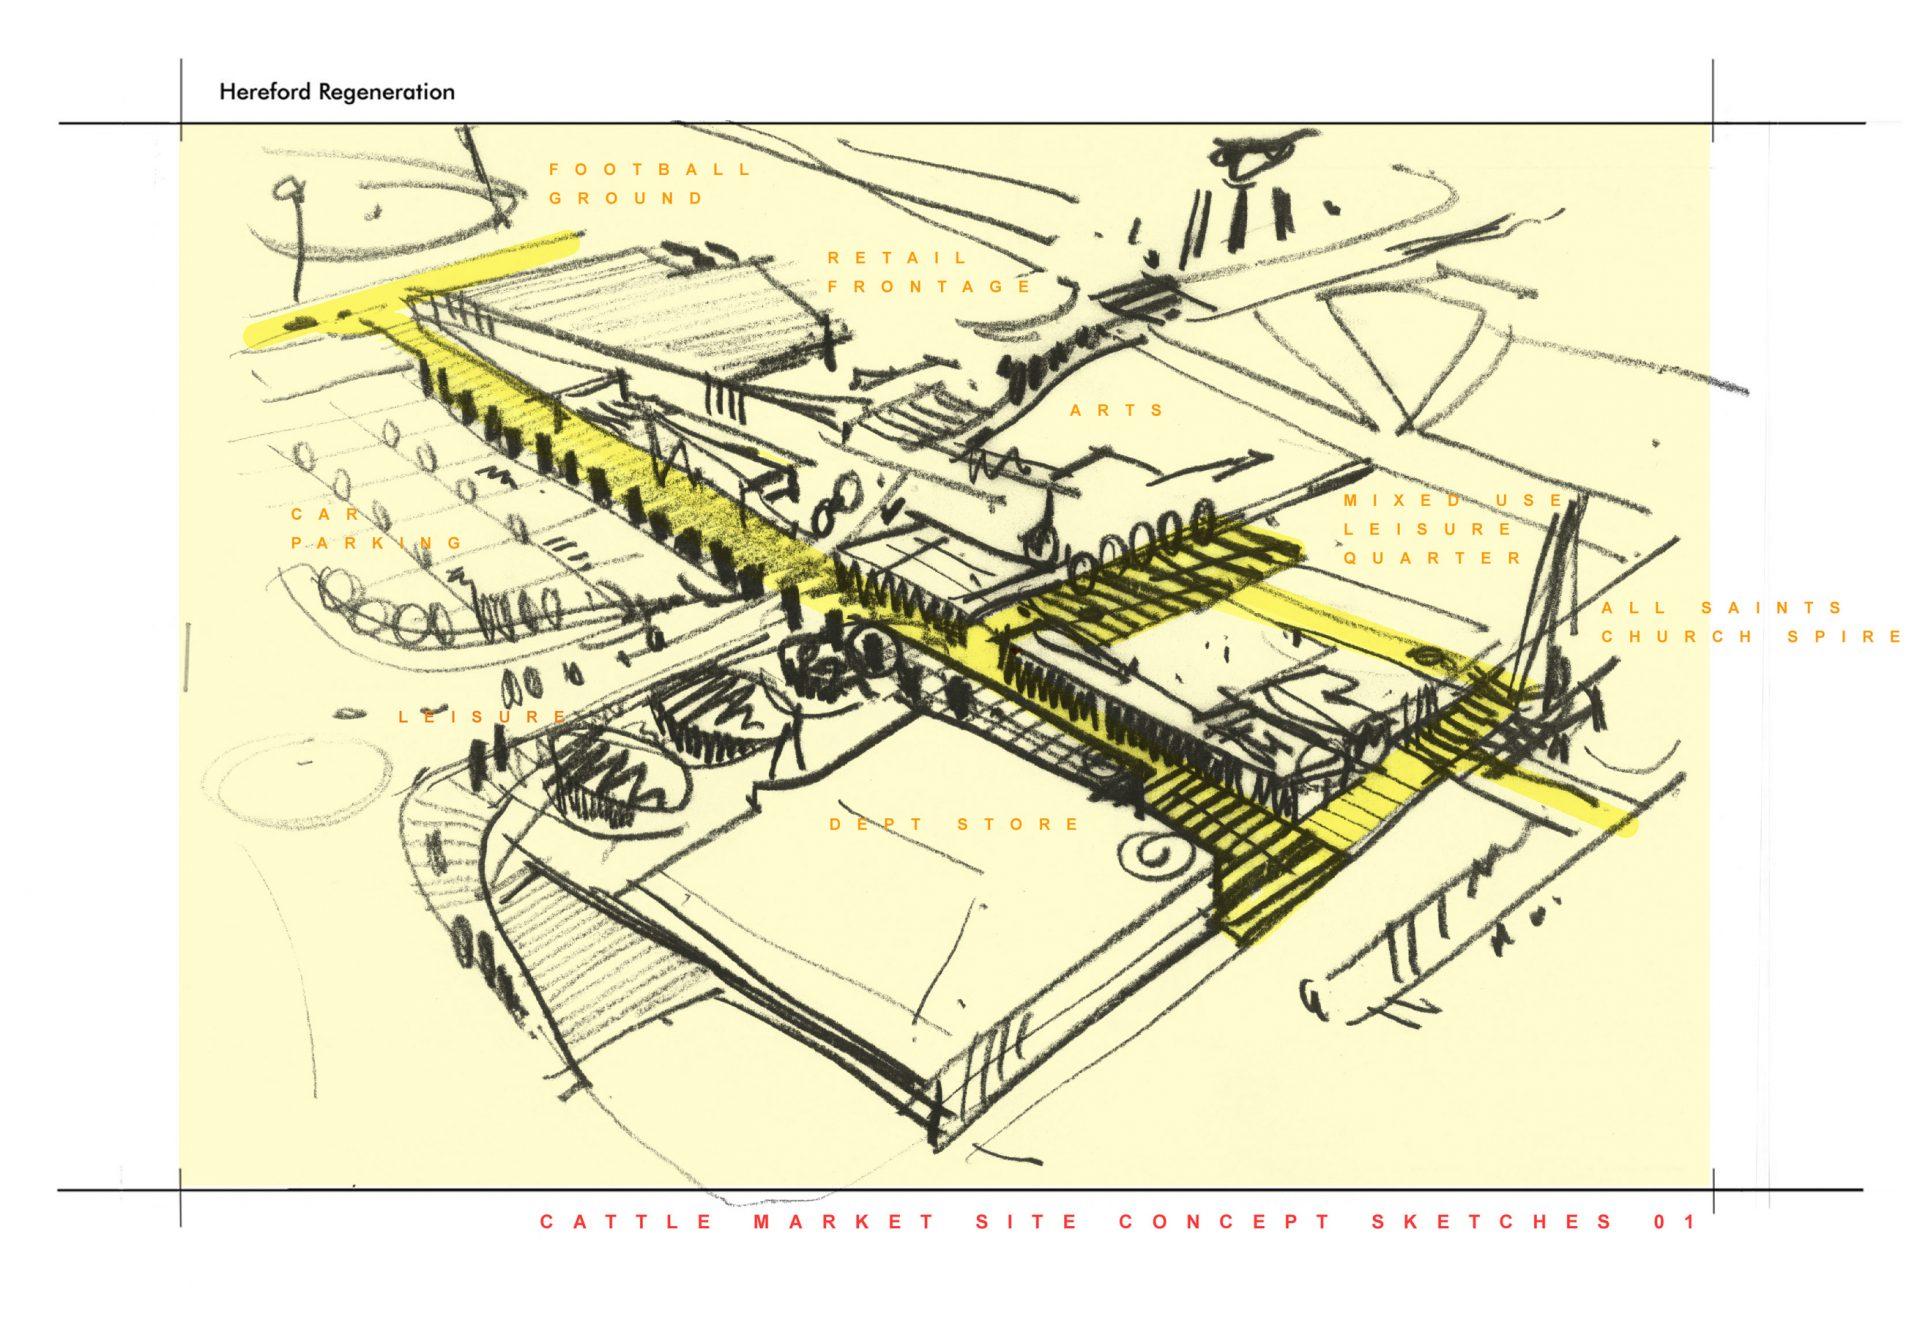 20:20 Vision Hereford Edgar Street Grid Sketch